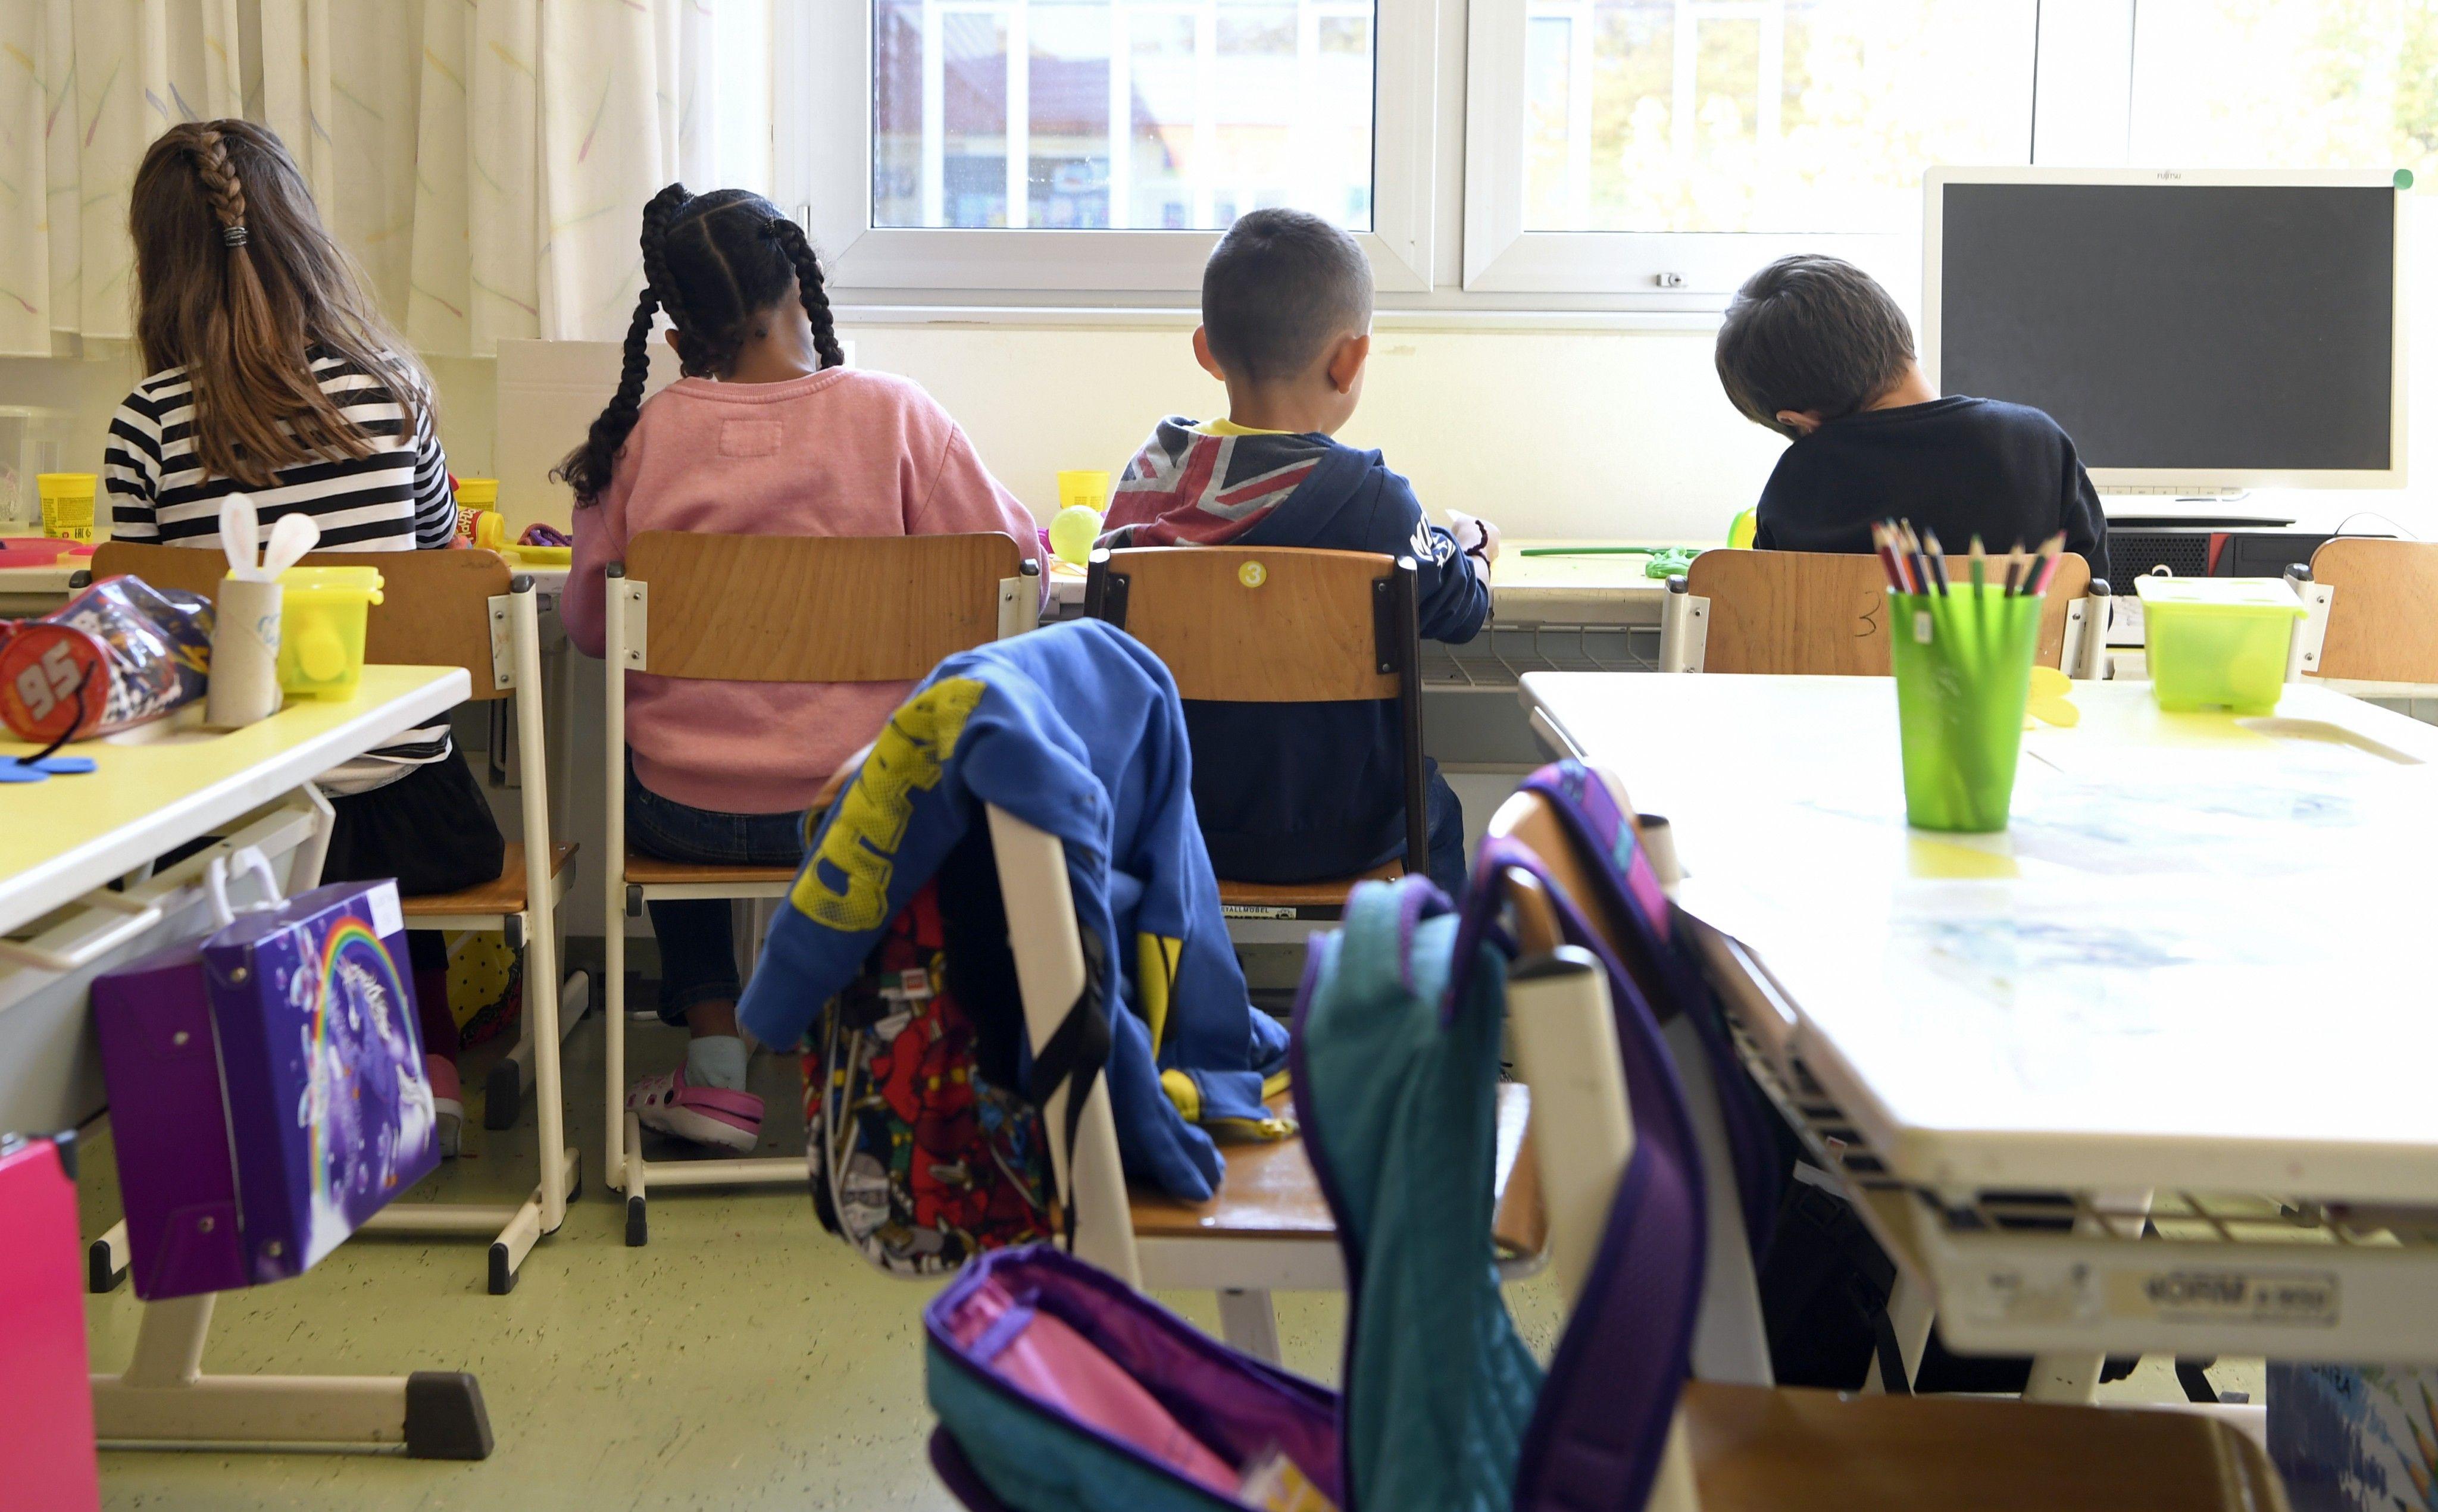 Vorarlbergs Schüler verbesserten sich deutlich in Mathematik